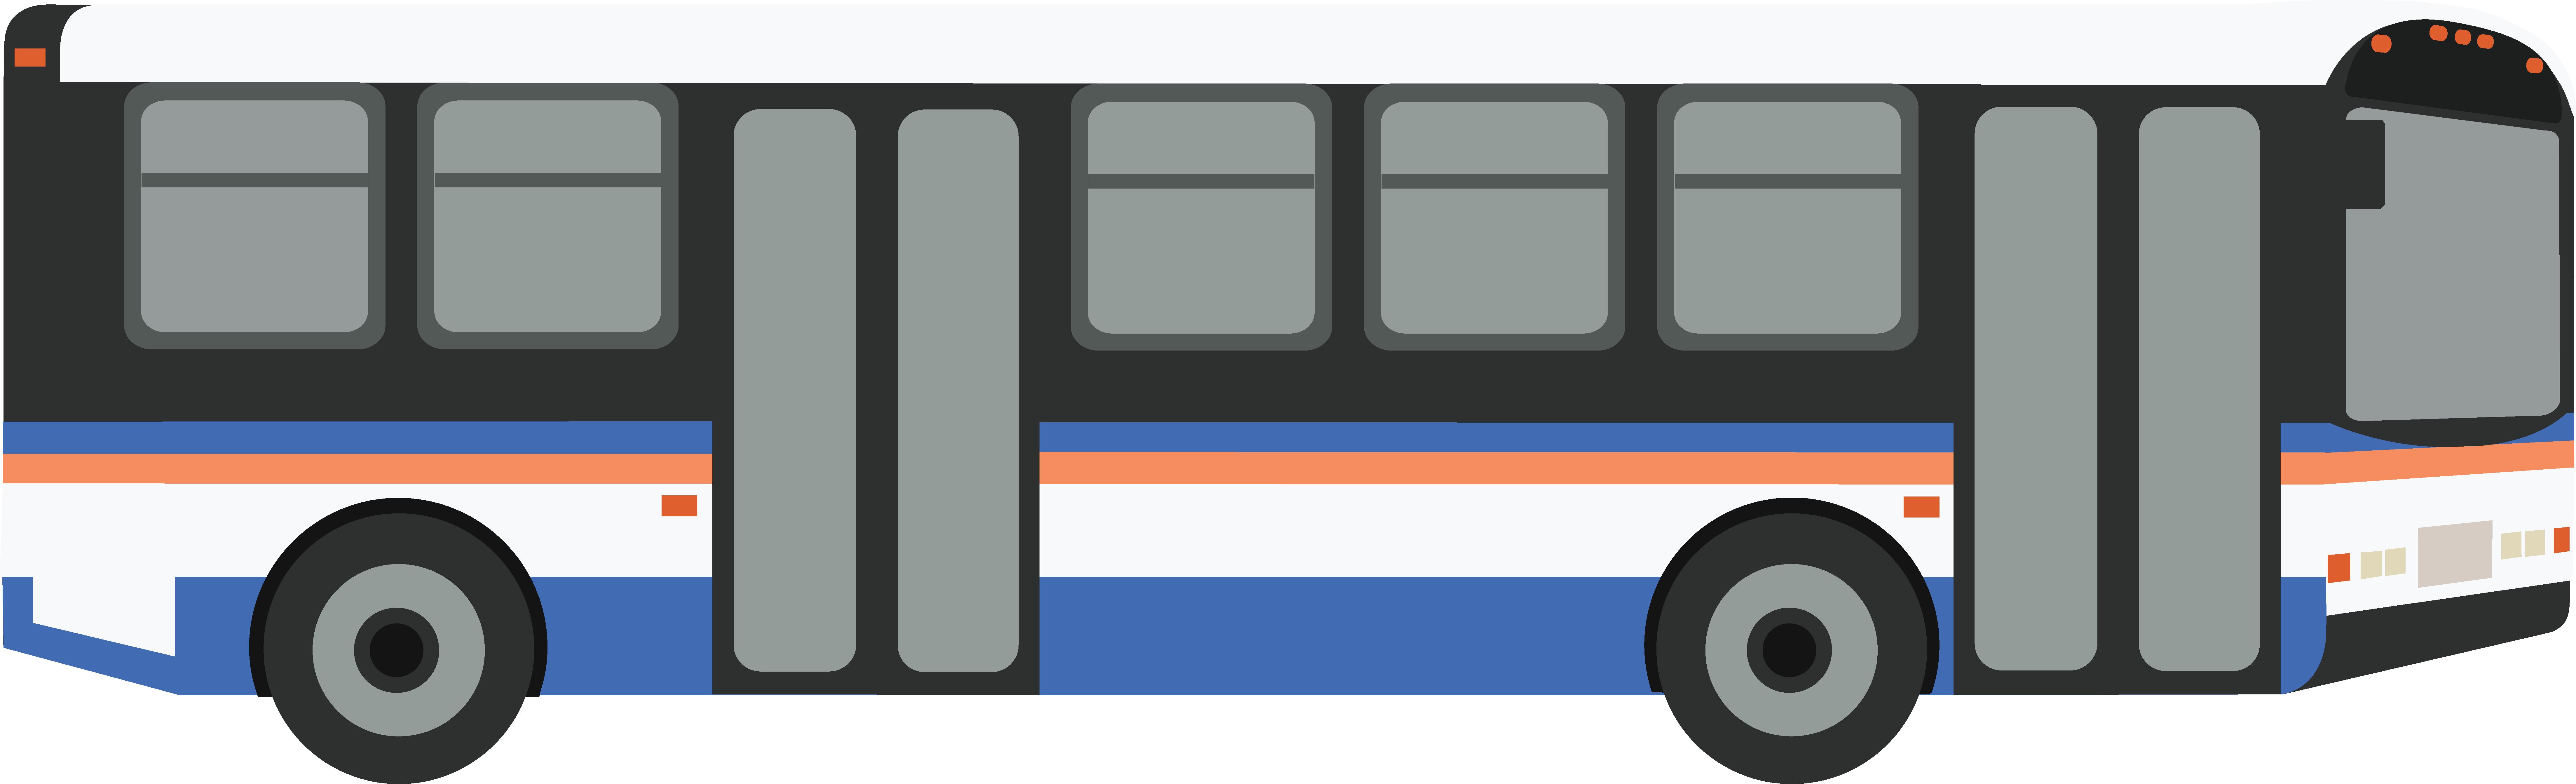 Metrobus clipart image royalty free Metro Bus Clipart image royalty free